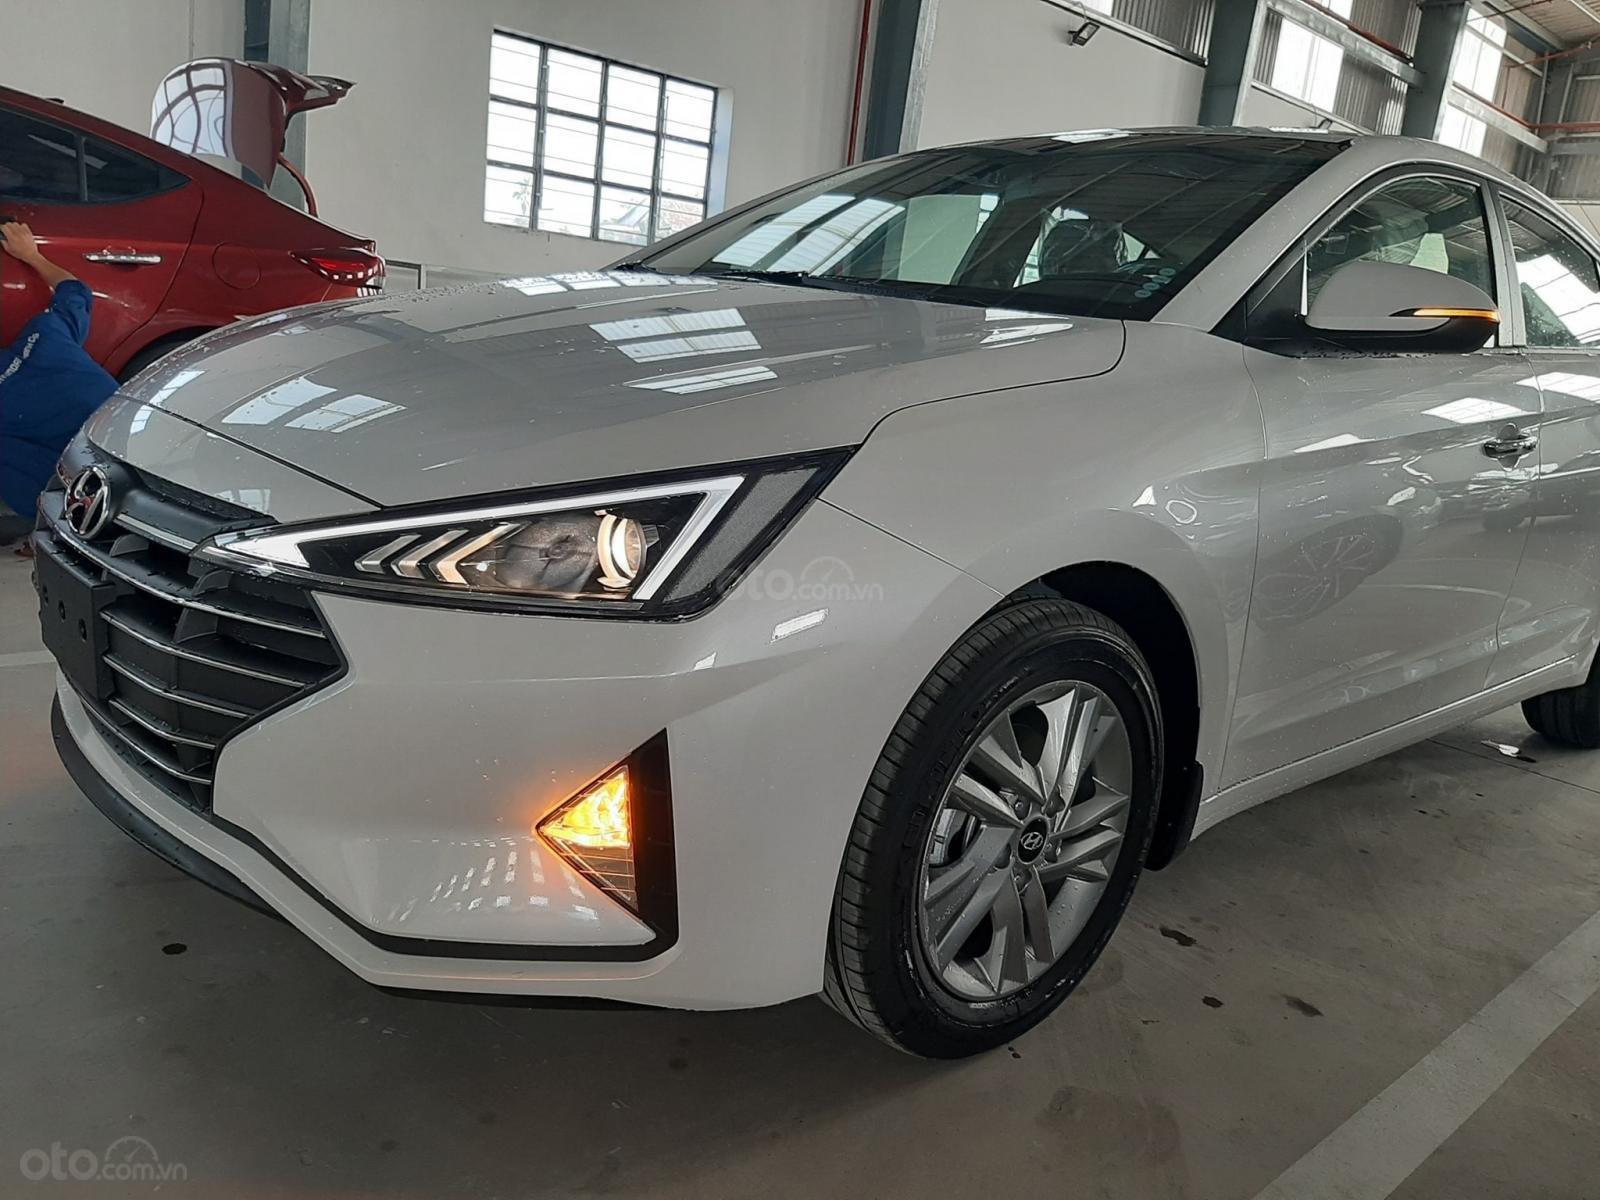 Cần bán xe Hyundai Elantra đời 2019, màu trắng, nhập khẩu-0